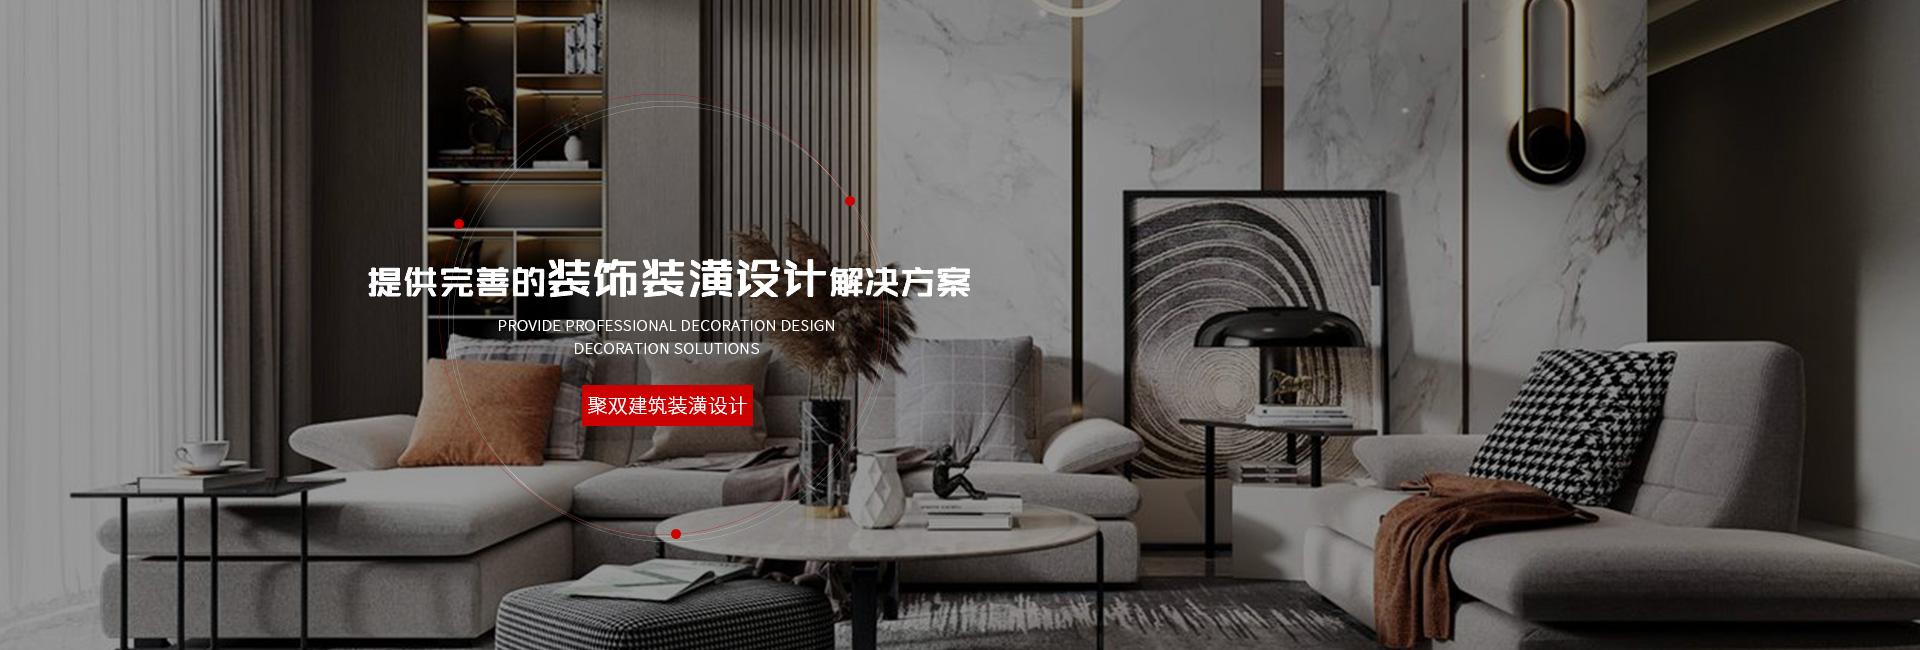 上海聚双建筑装潢设计有限公司